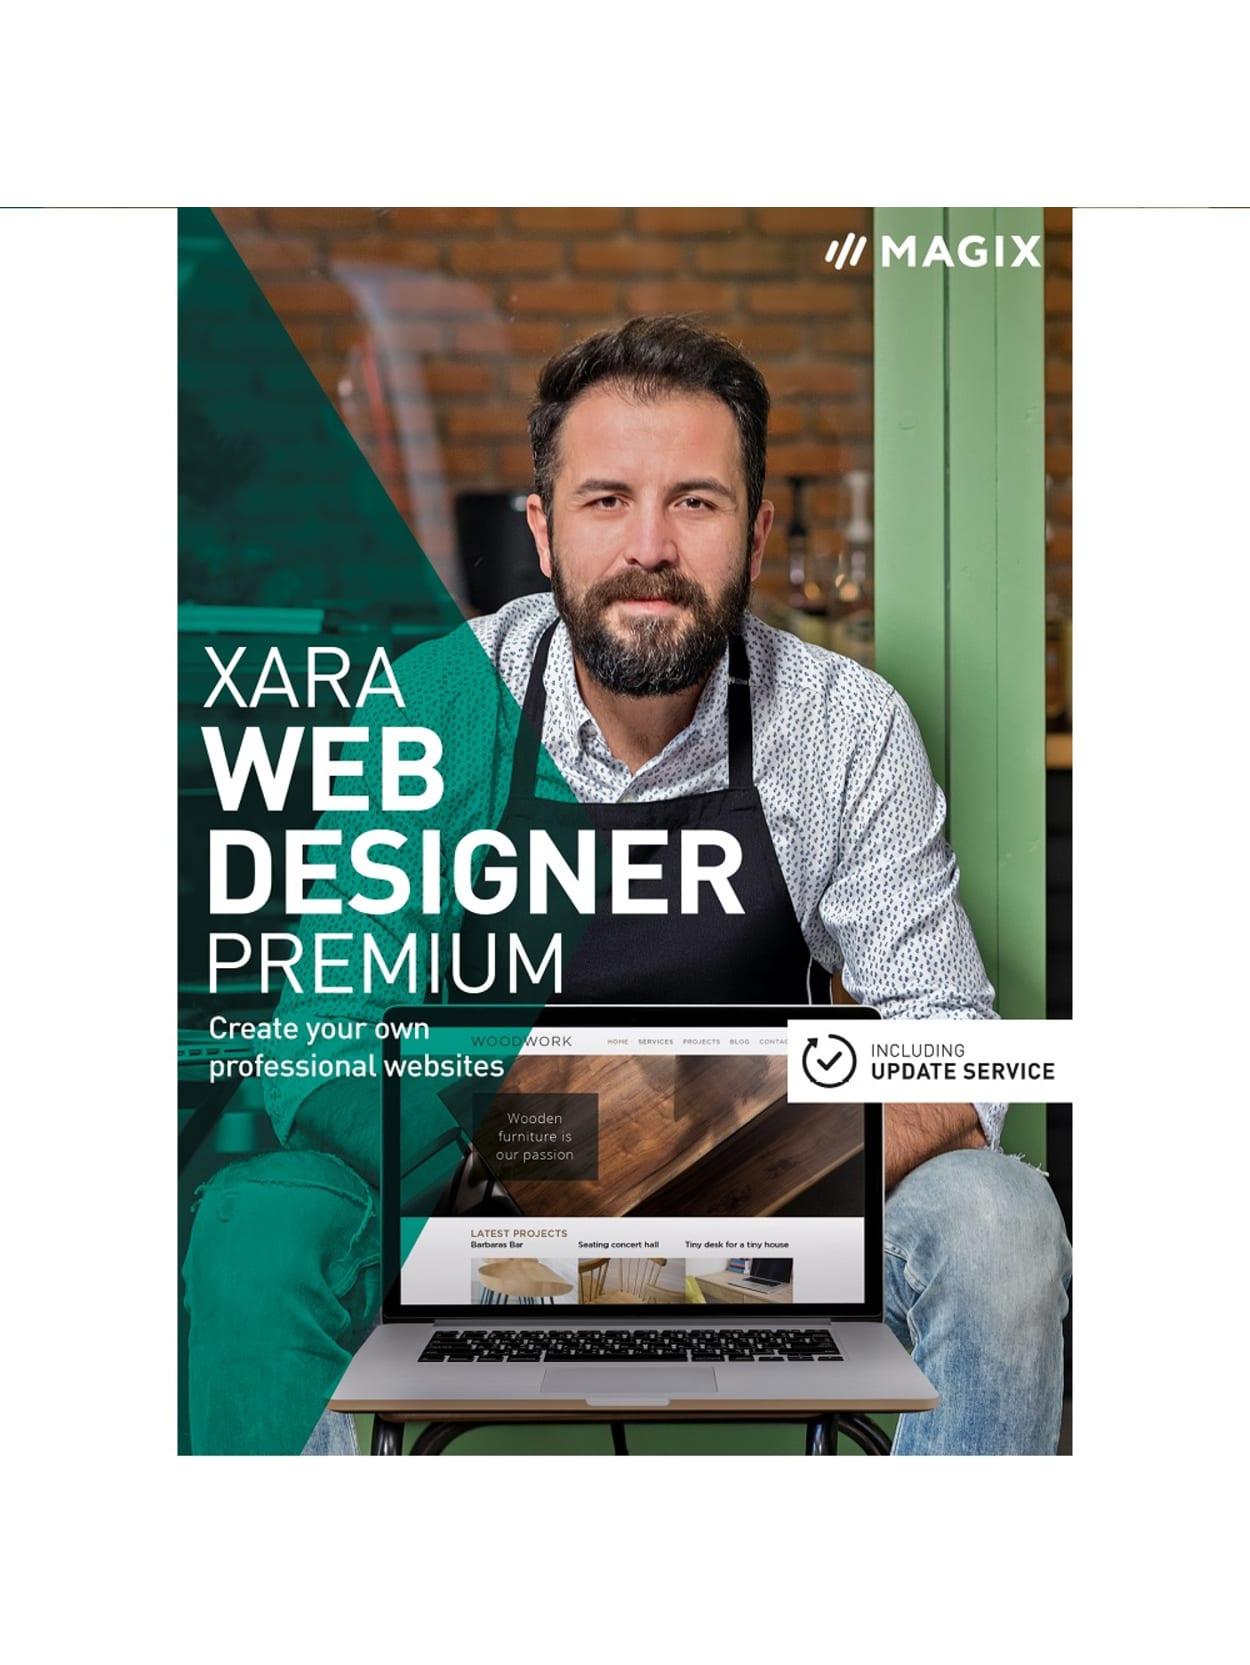 Xara Web Designer Premium Office Depot